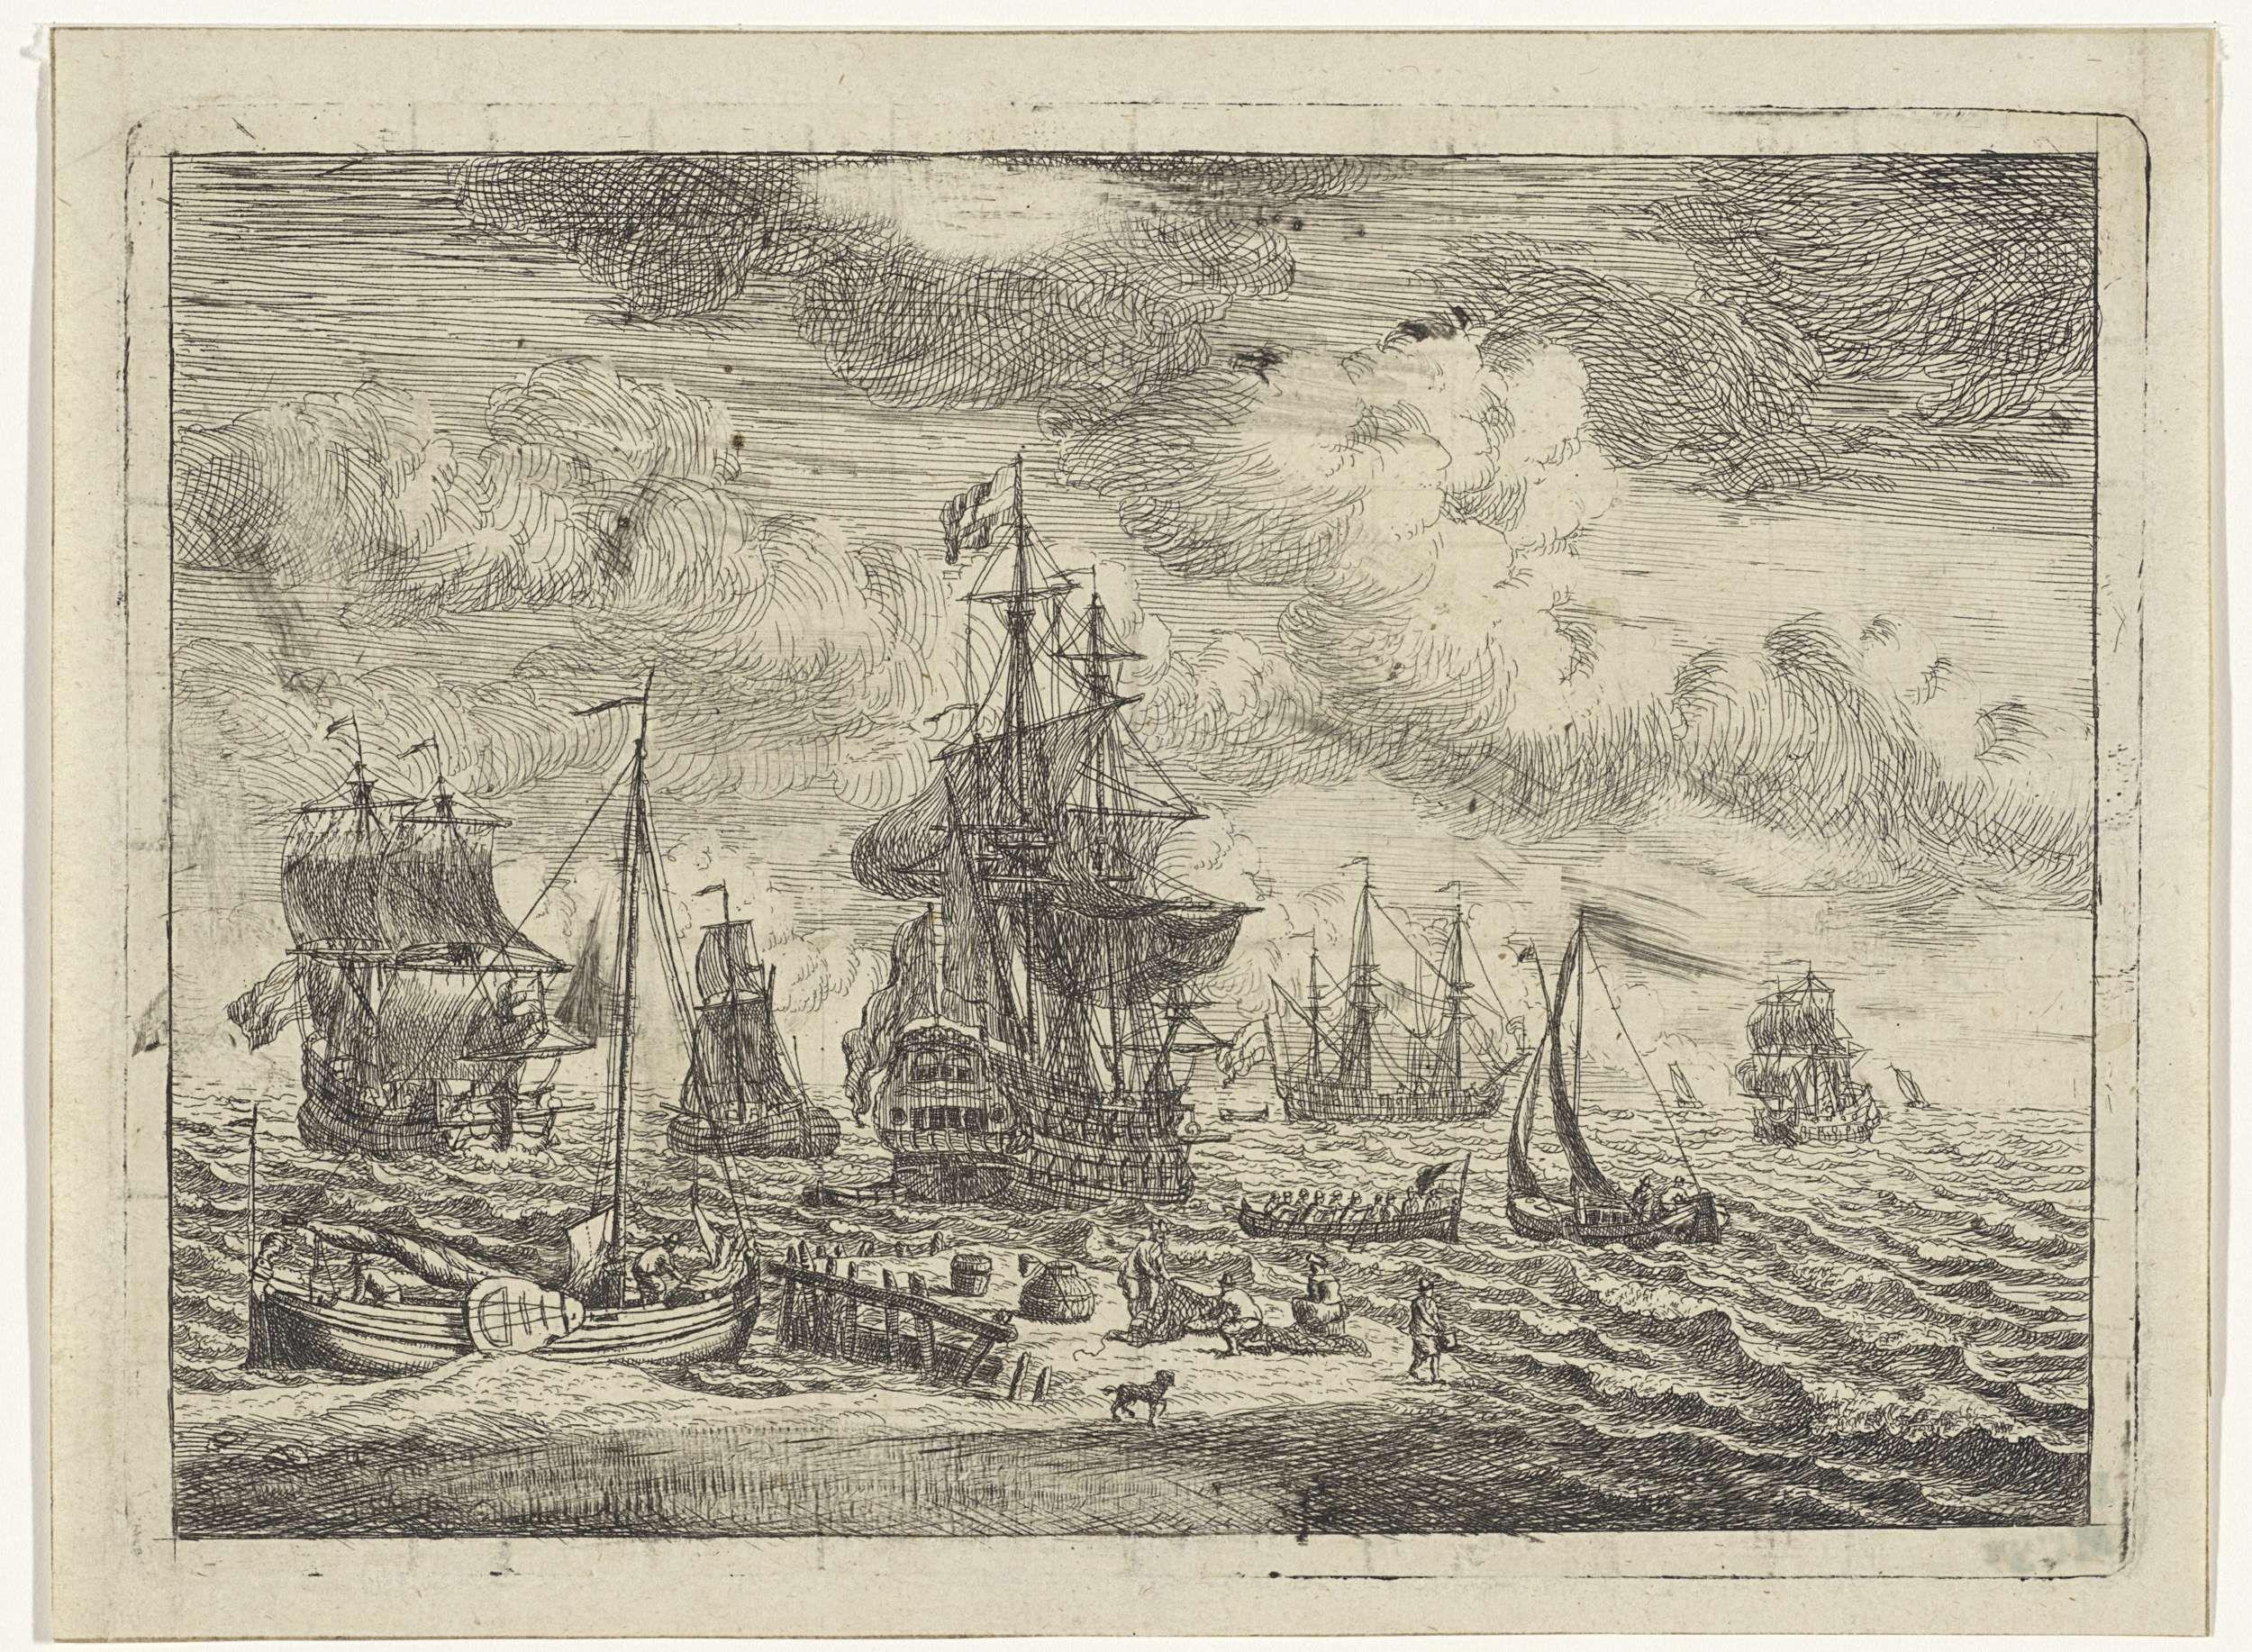 Adam Silo | Marine met zeilschepen voor een zandbank, Adam Silo, 1689 - 1760 | Een vissersboot ligt voor anker voor een zandplaat. Op de zandplaat zijn vissers in de weer met netten en fuiken. Op zee liggen grote marineschepen, vissersboten en een sloep met soldaten.